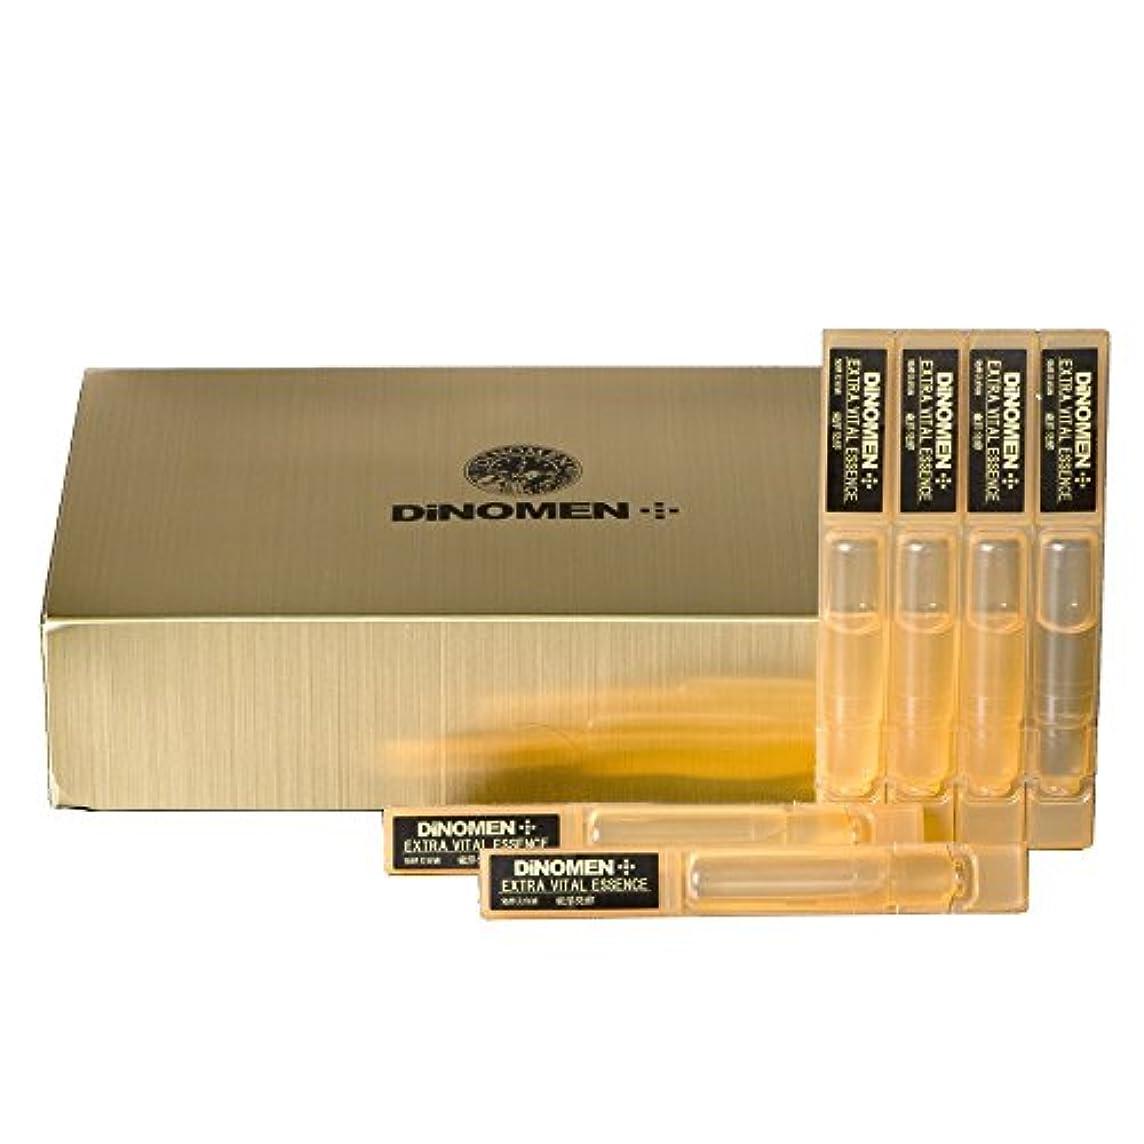 誤ミリメーター他のバンドでDiNOMEN エクストラバイタルエッセンス 発酵美容液 30本入 男性化粧品